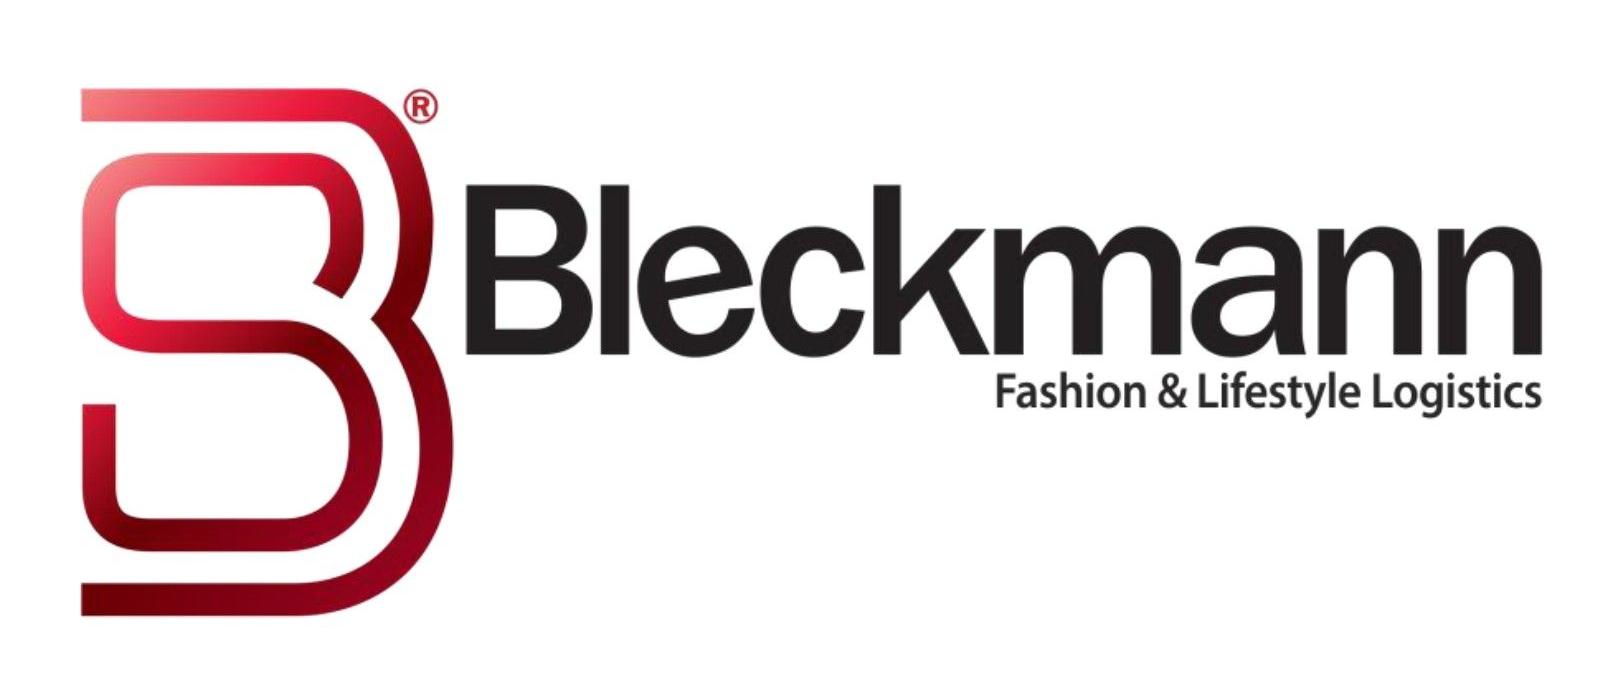 Logo van modedistributiecentrum Bleckmann, die mensen onterecht ontslaat